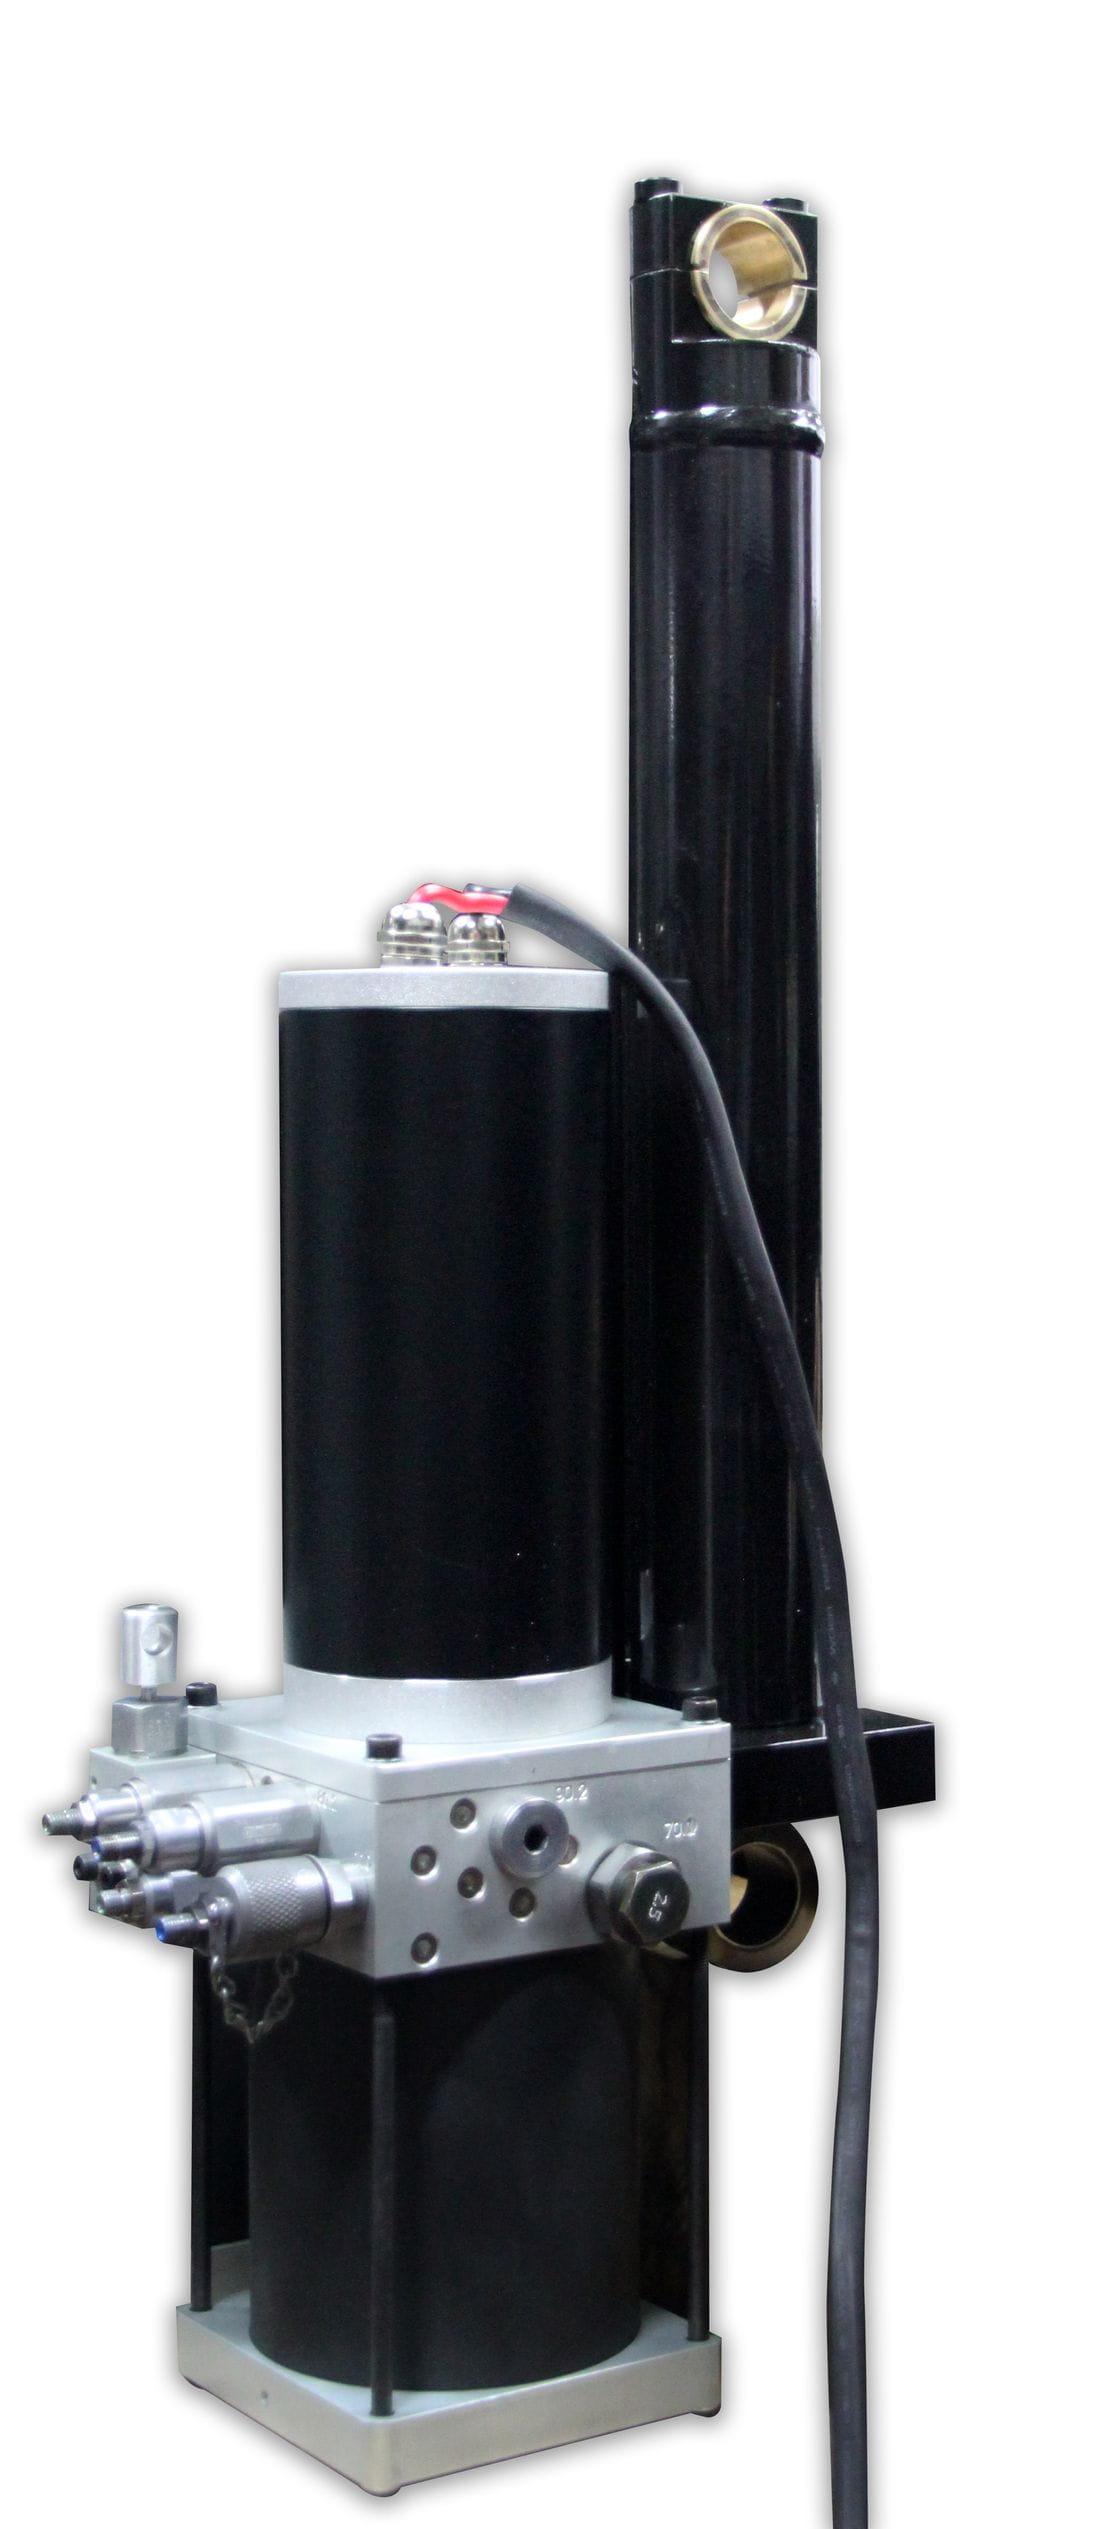 Conjunt compacte cilindre i grup hidràulic.